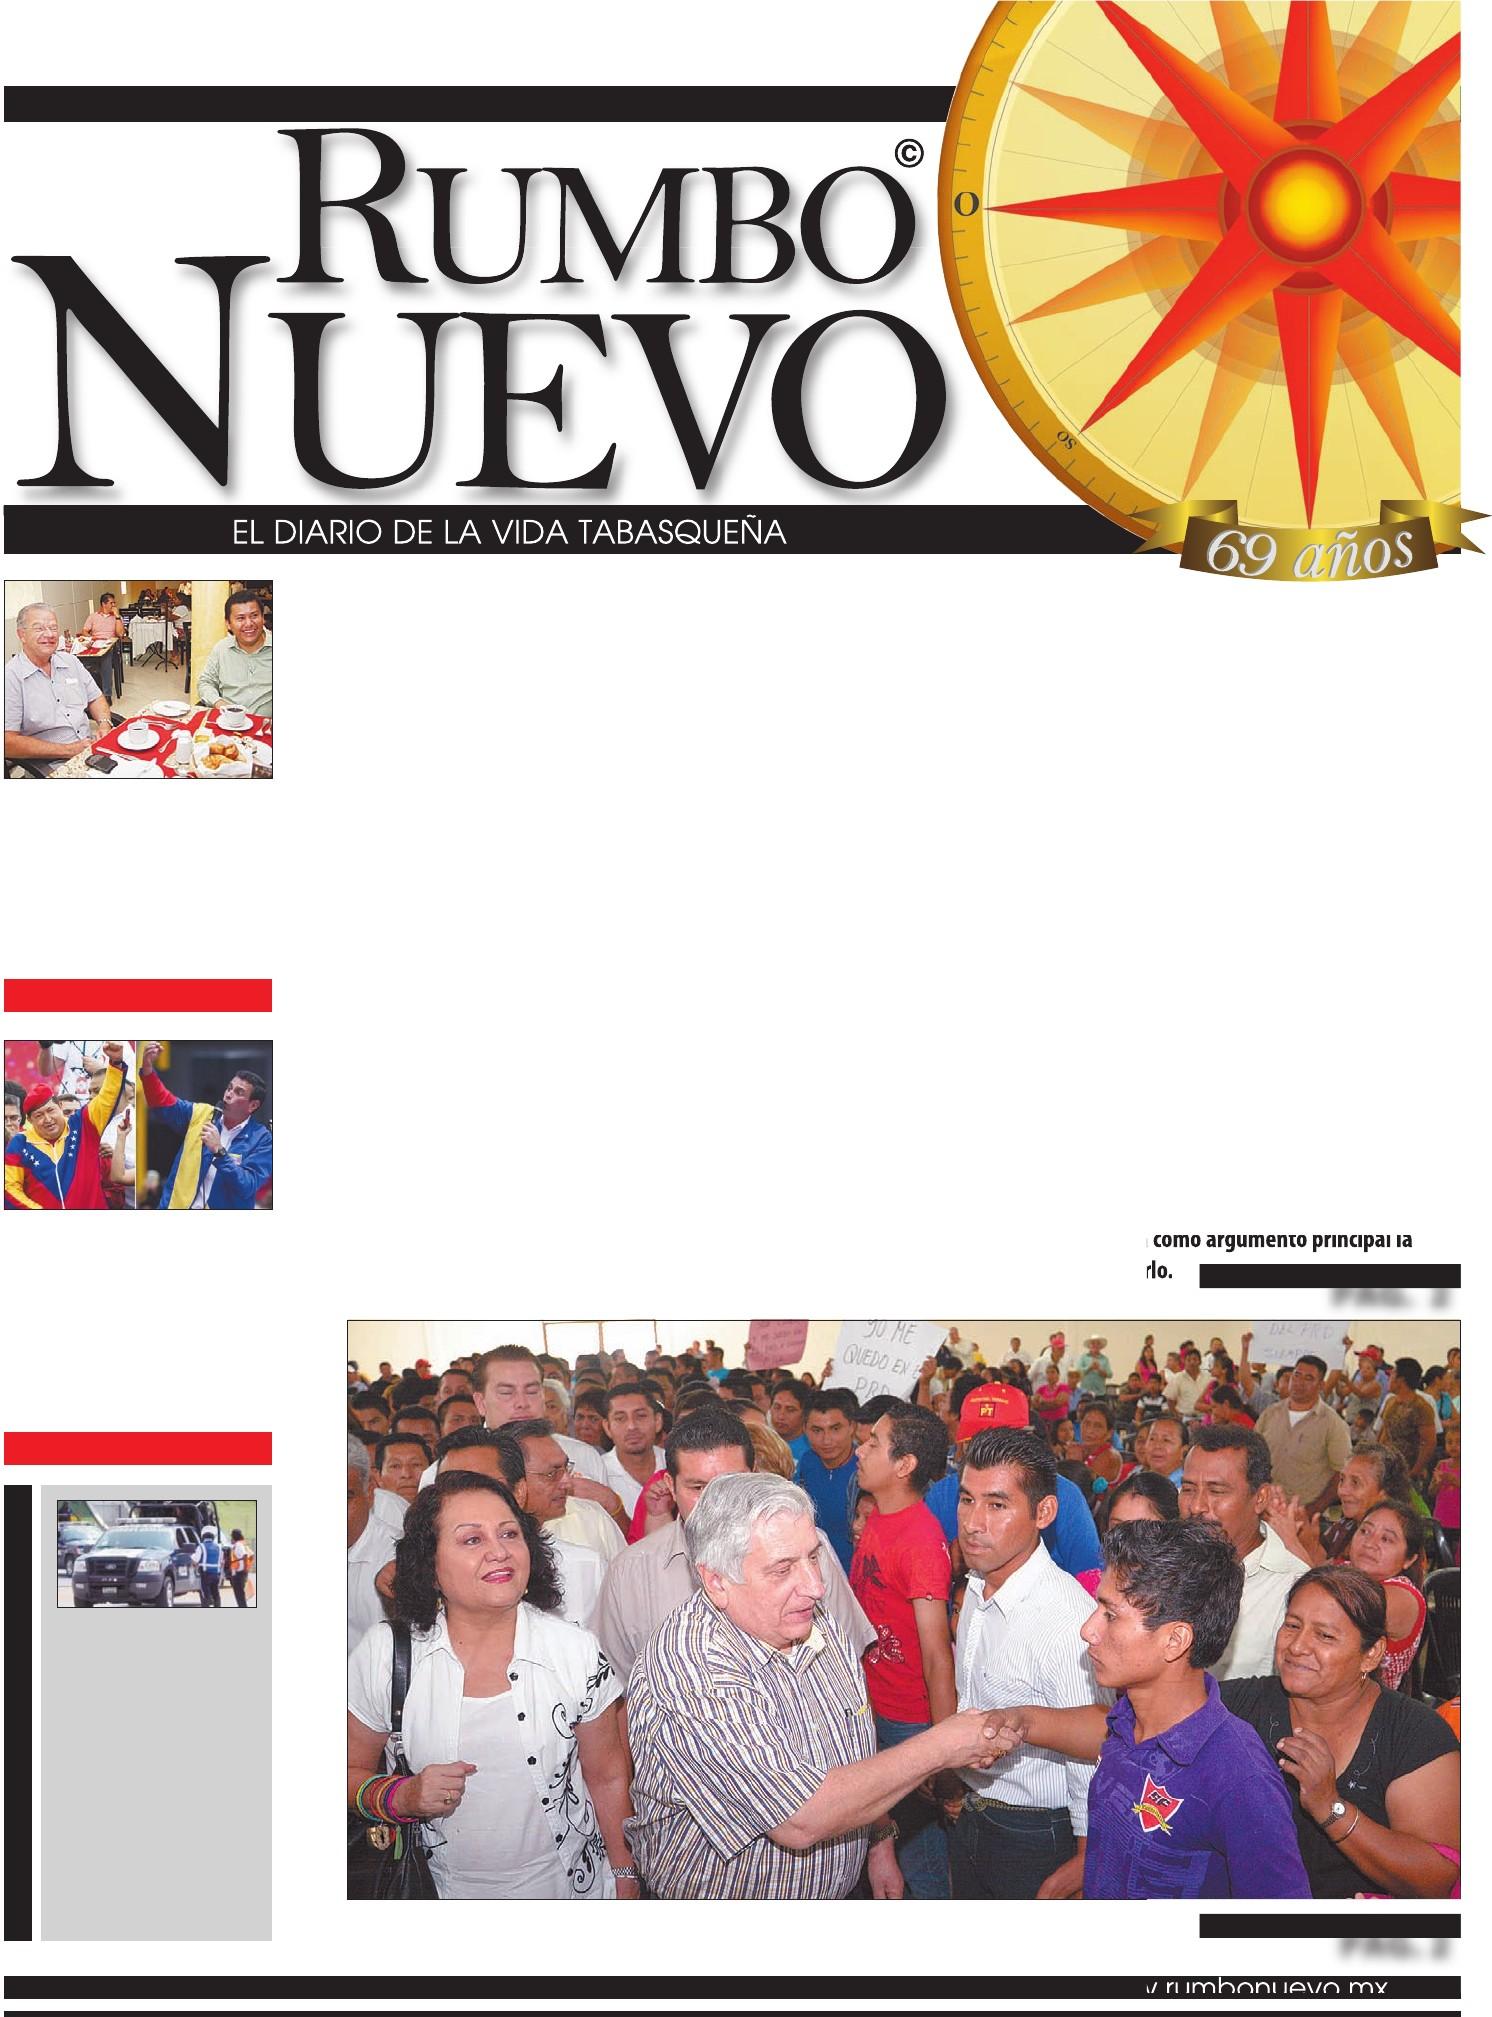 Calendario Escolar 2019 Uanl Más Actual Rumbo Nuevo Domingo 7 De Octubre De 2012 [pdf Document]